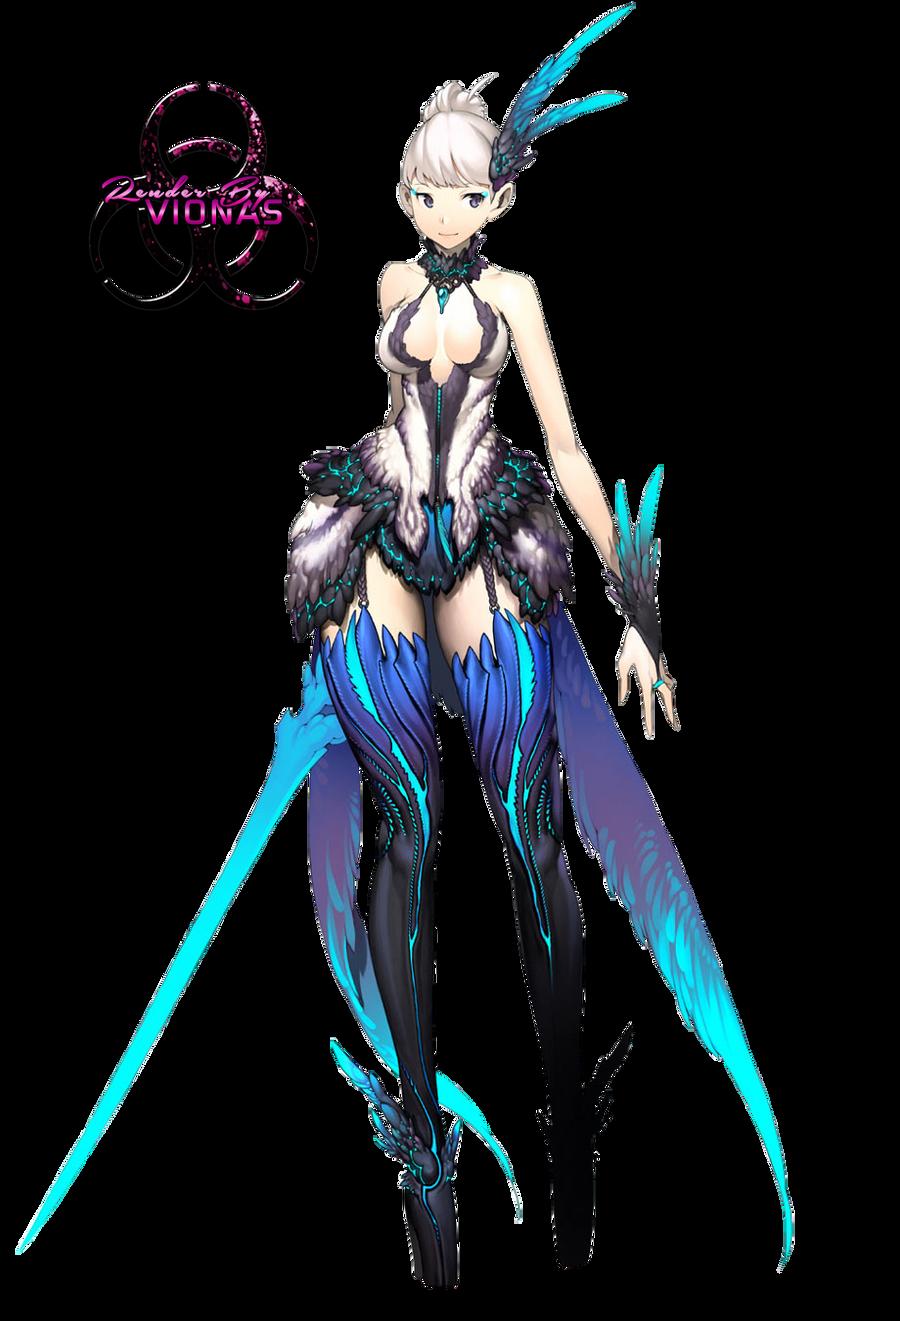 Female warrior by vionas on deviantart - Anime female warrior ...